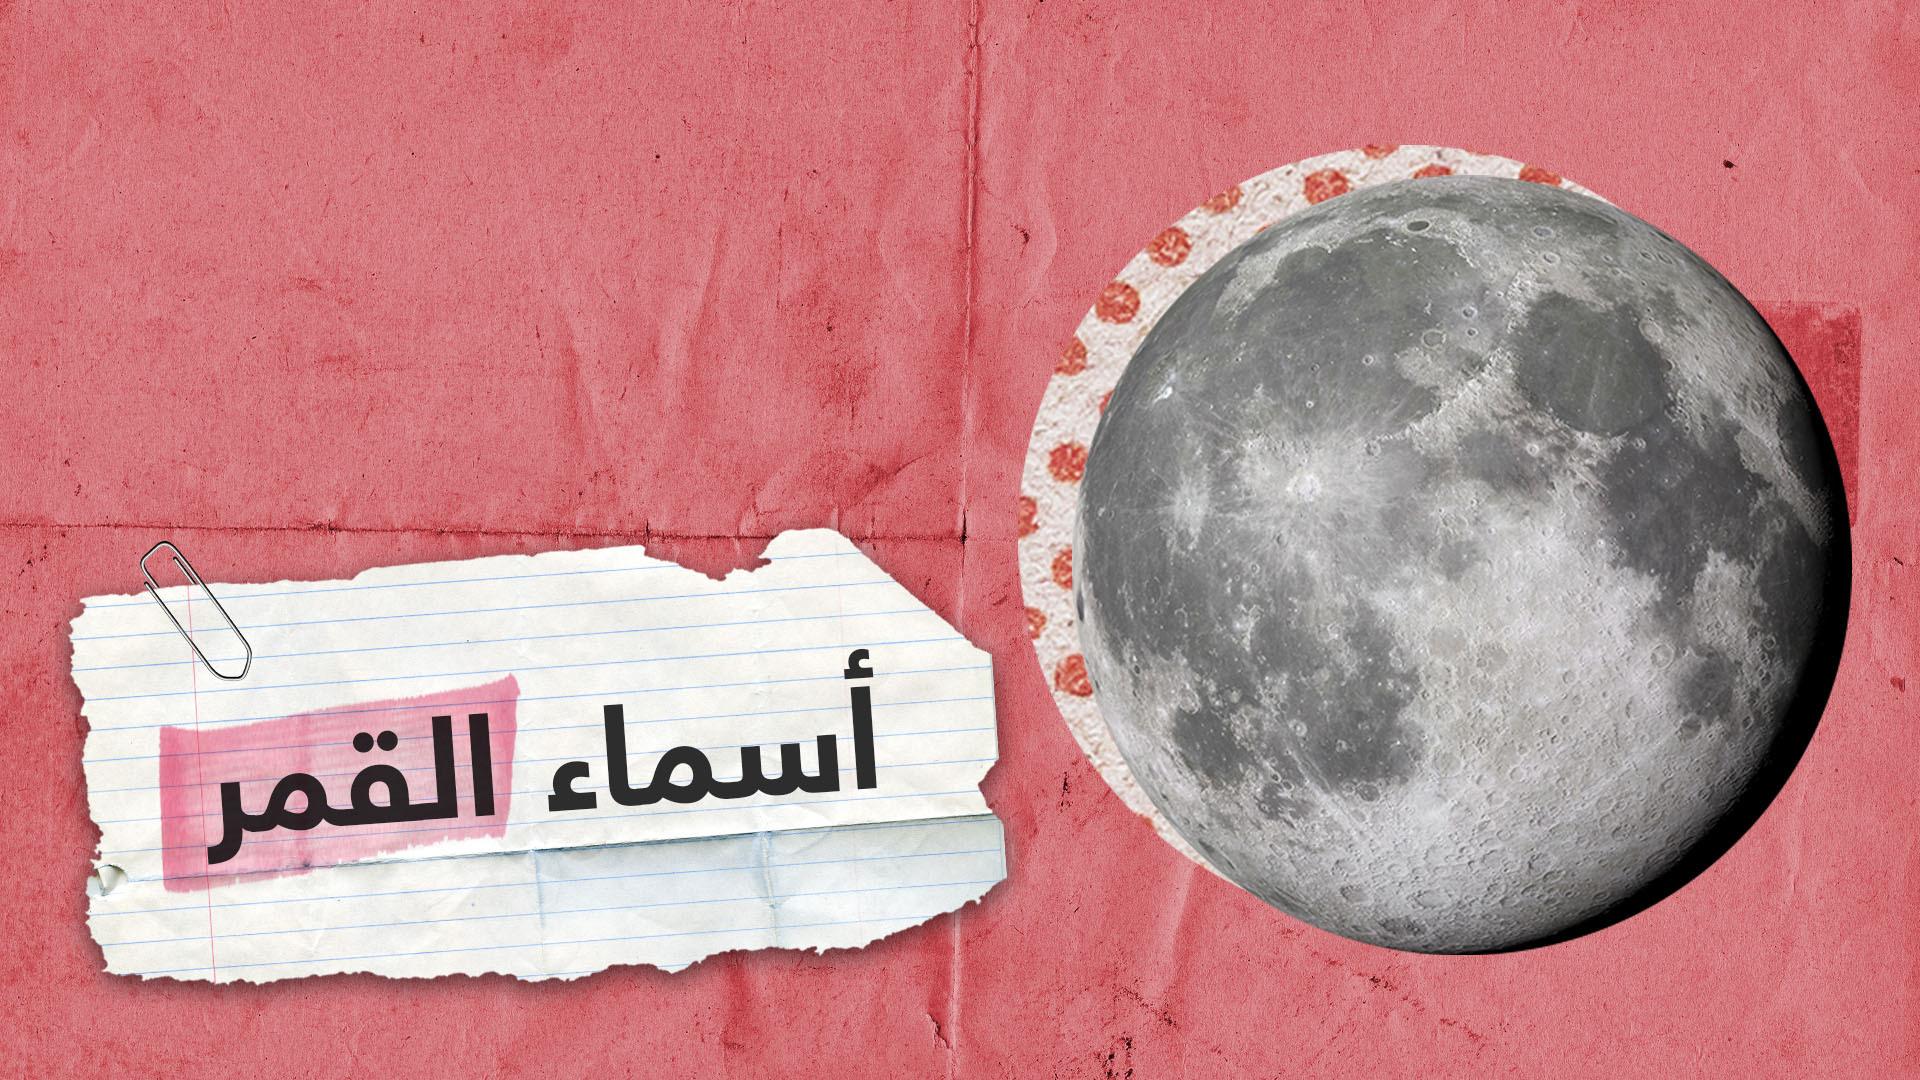 أسماء غريبة أطلقها الإنسان على القمر بحسب أشهر السنة